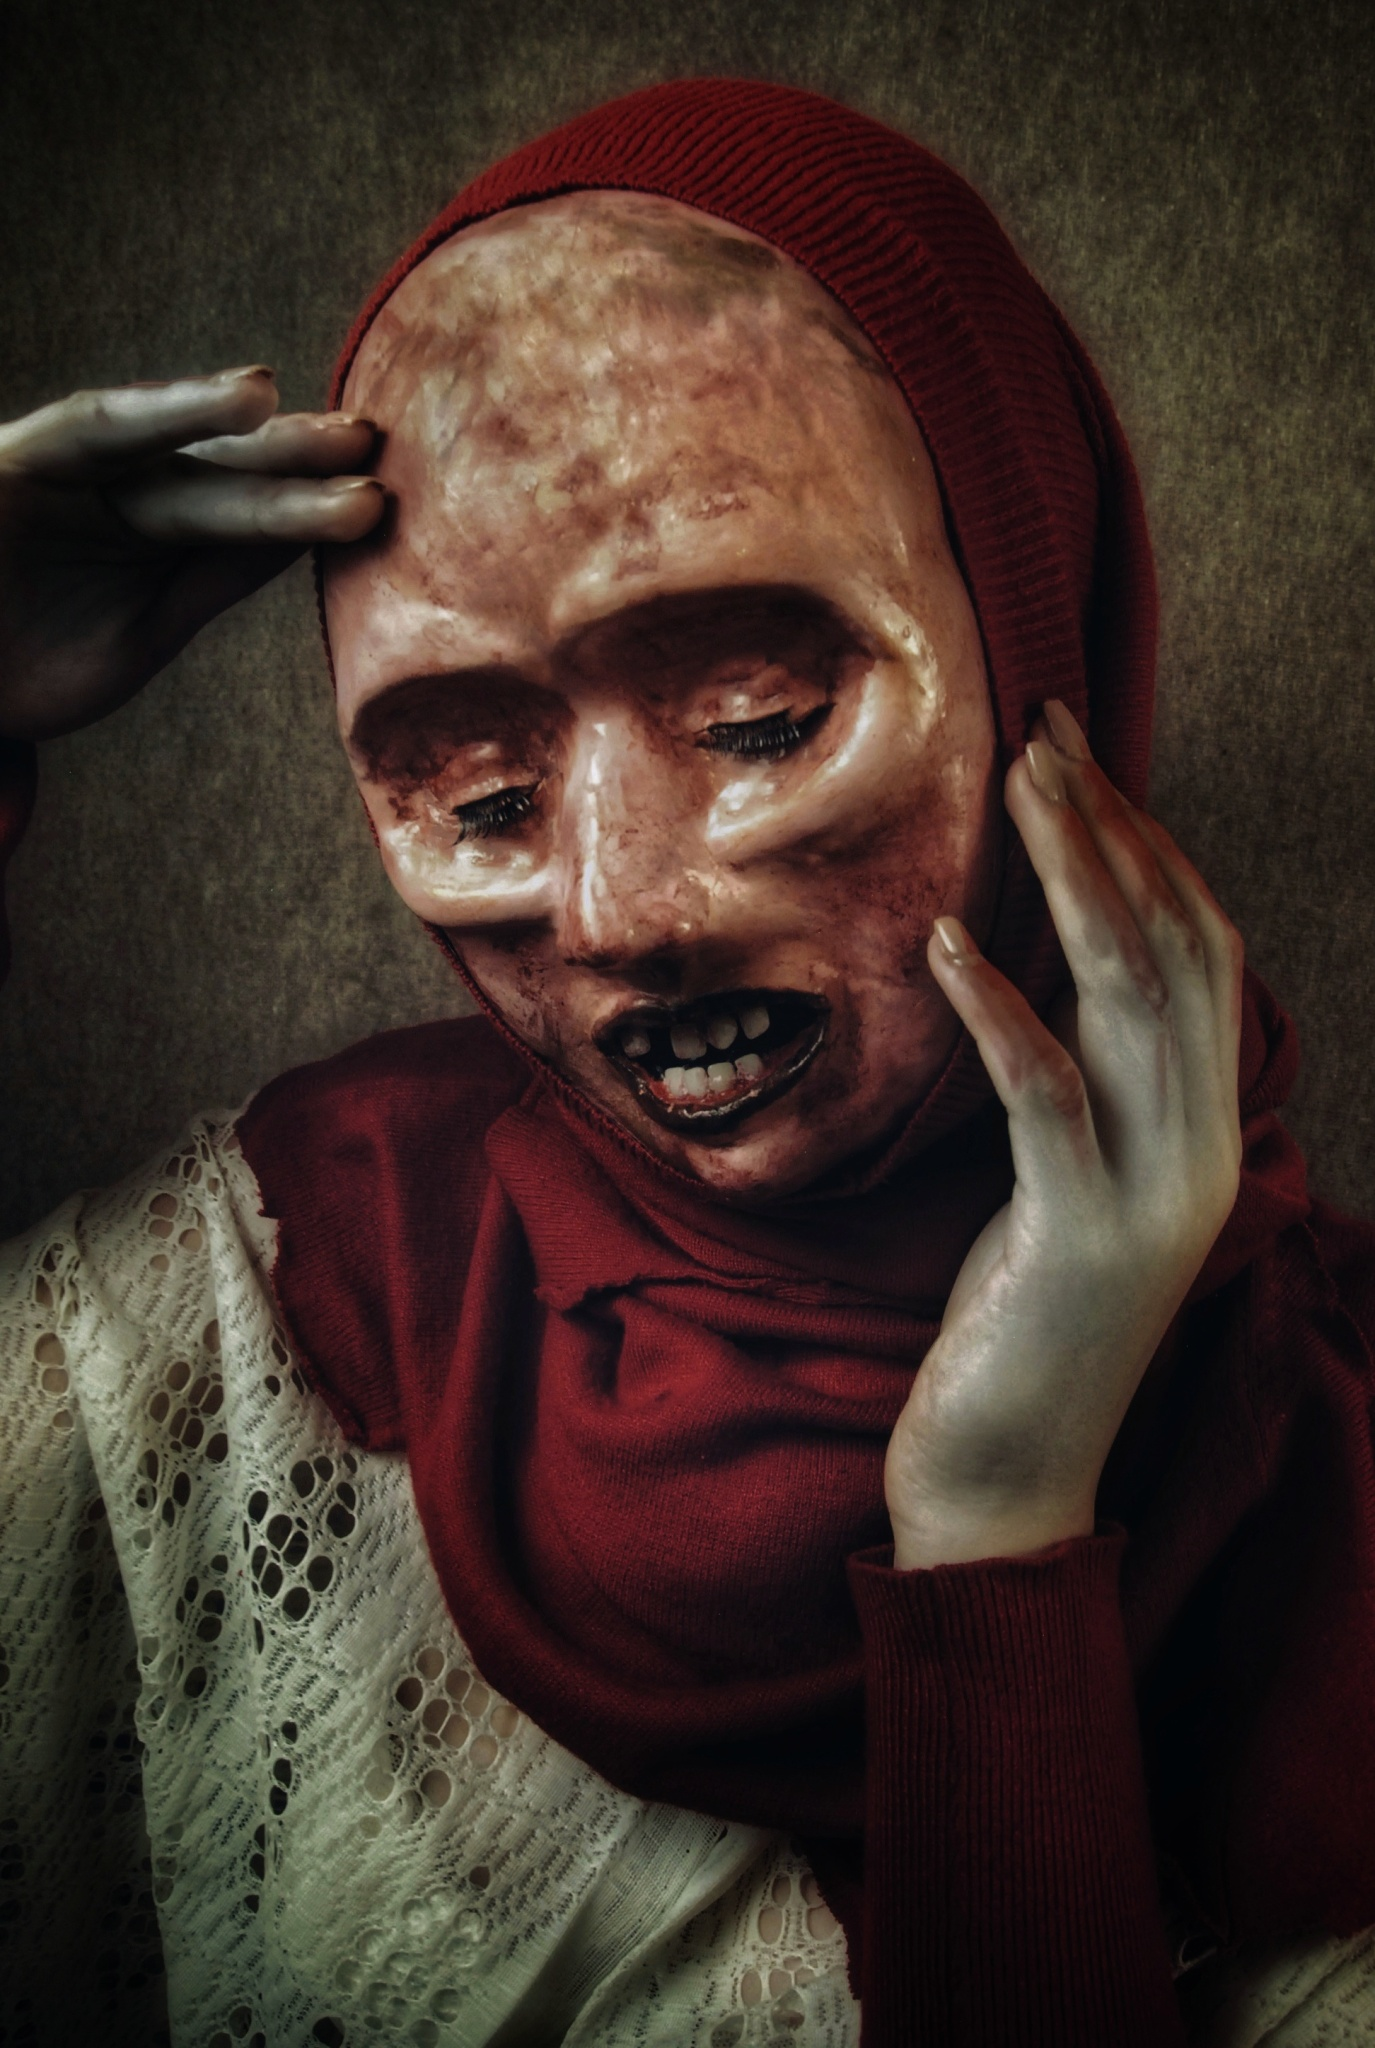 Hororový fotograf Peter Murín: Maska je inkognito a tajemno. Tvořím výraz přesně takový, jaký chci